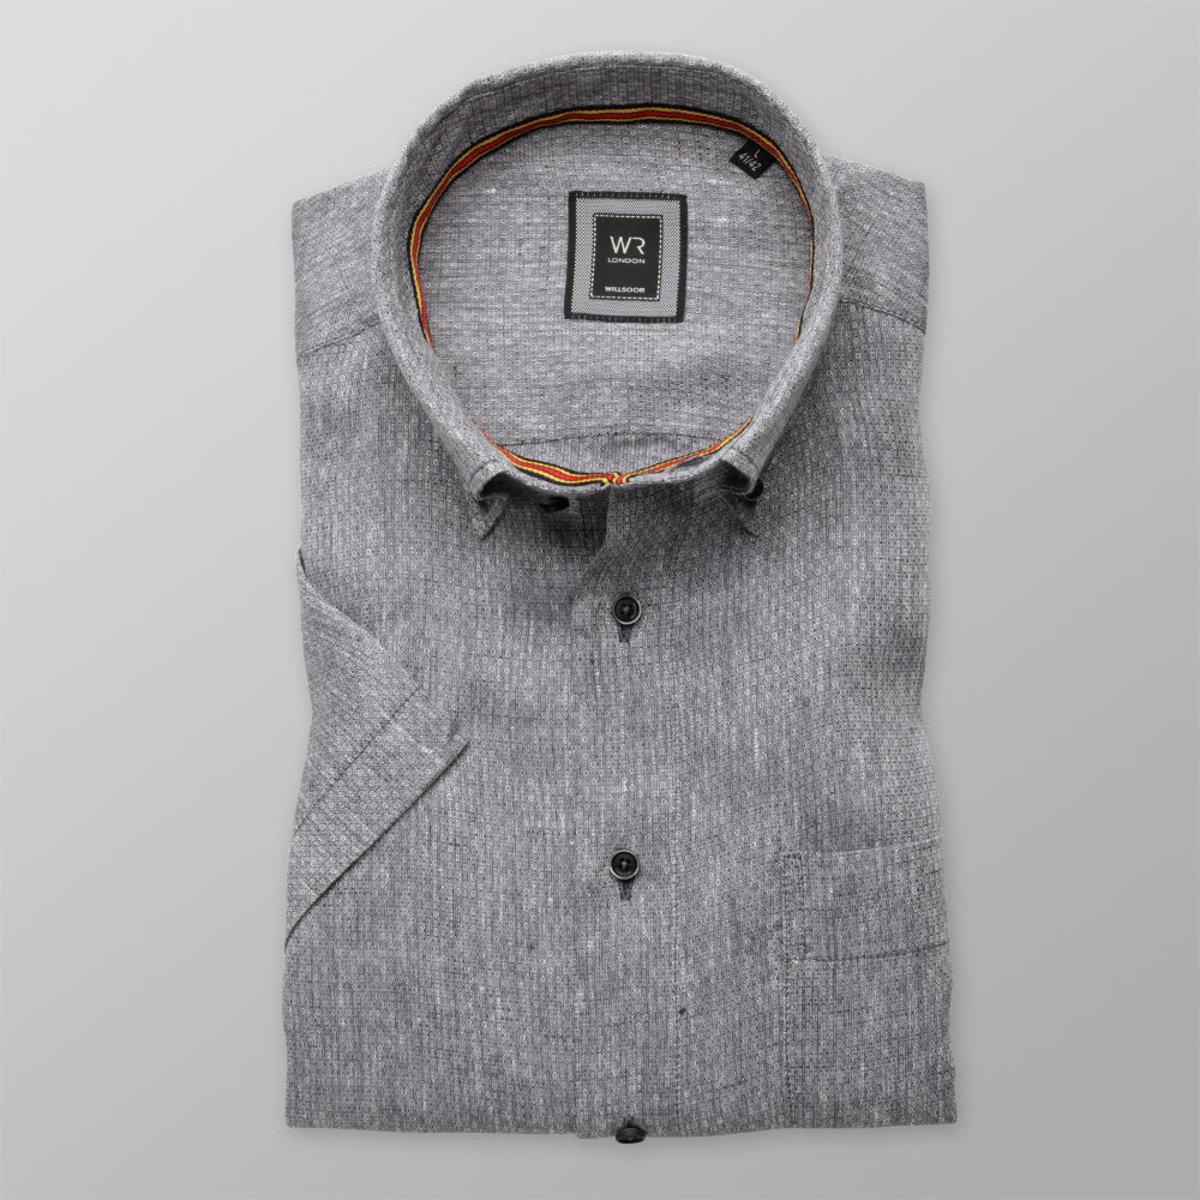 Košeľa London sivá s jemným vzorom (výška 176 - 182) 10871 176-182 / L (41/42)